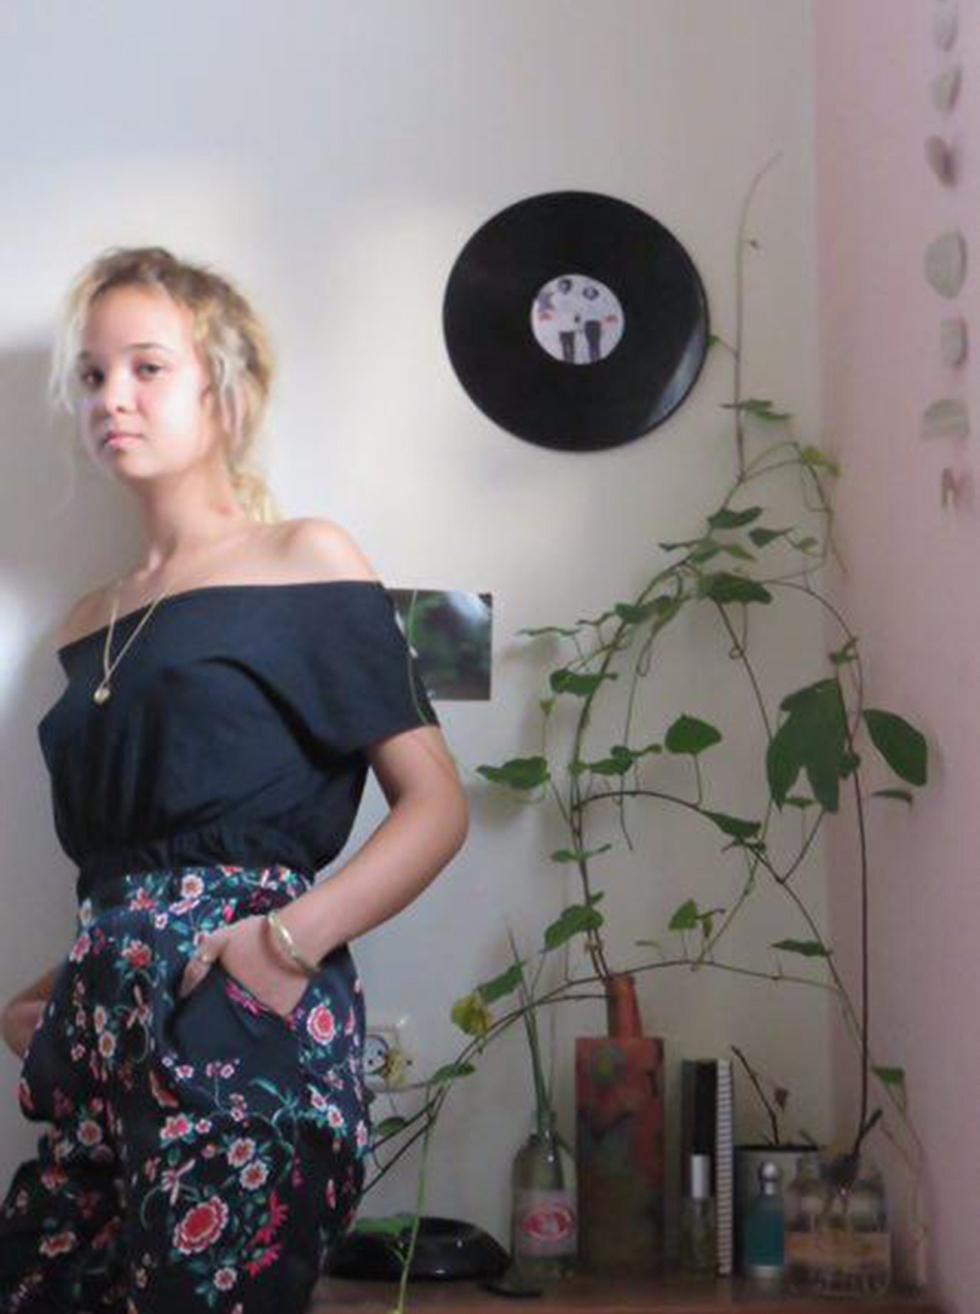 """מאיה ברנד פייגנבאום: """"ההתגייסות לצה""""ל נוגדת את הערכים שבהם אני מאמינה"""" ()"""